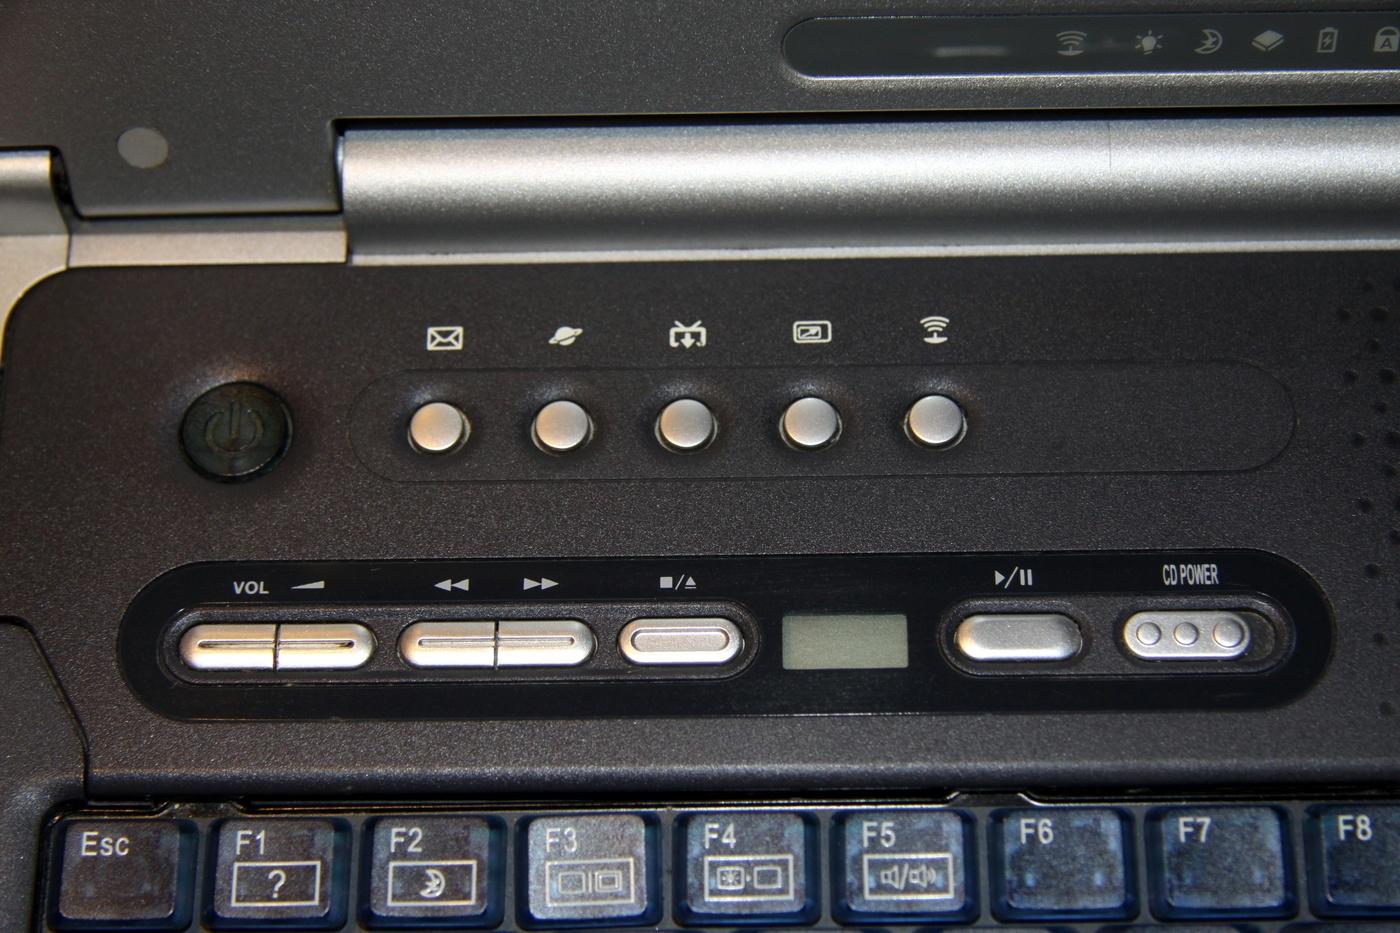 Обзор отечественного ноутбука iRU Brava-4215COMBO, выпущенного в 2004 году (Часть 1) - 9